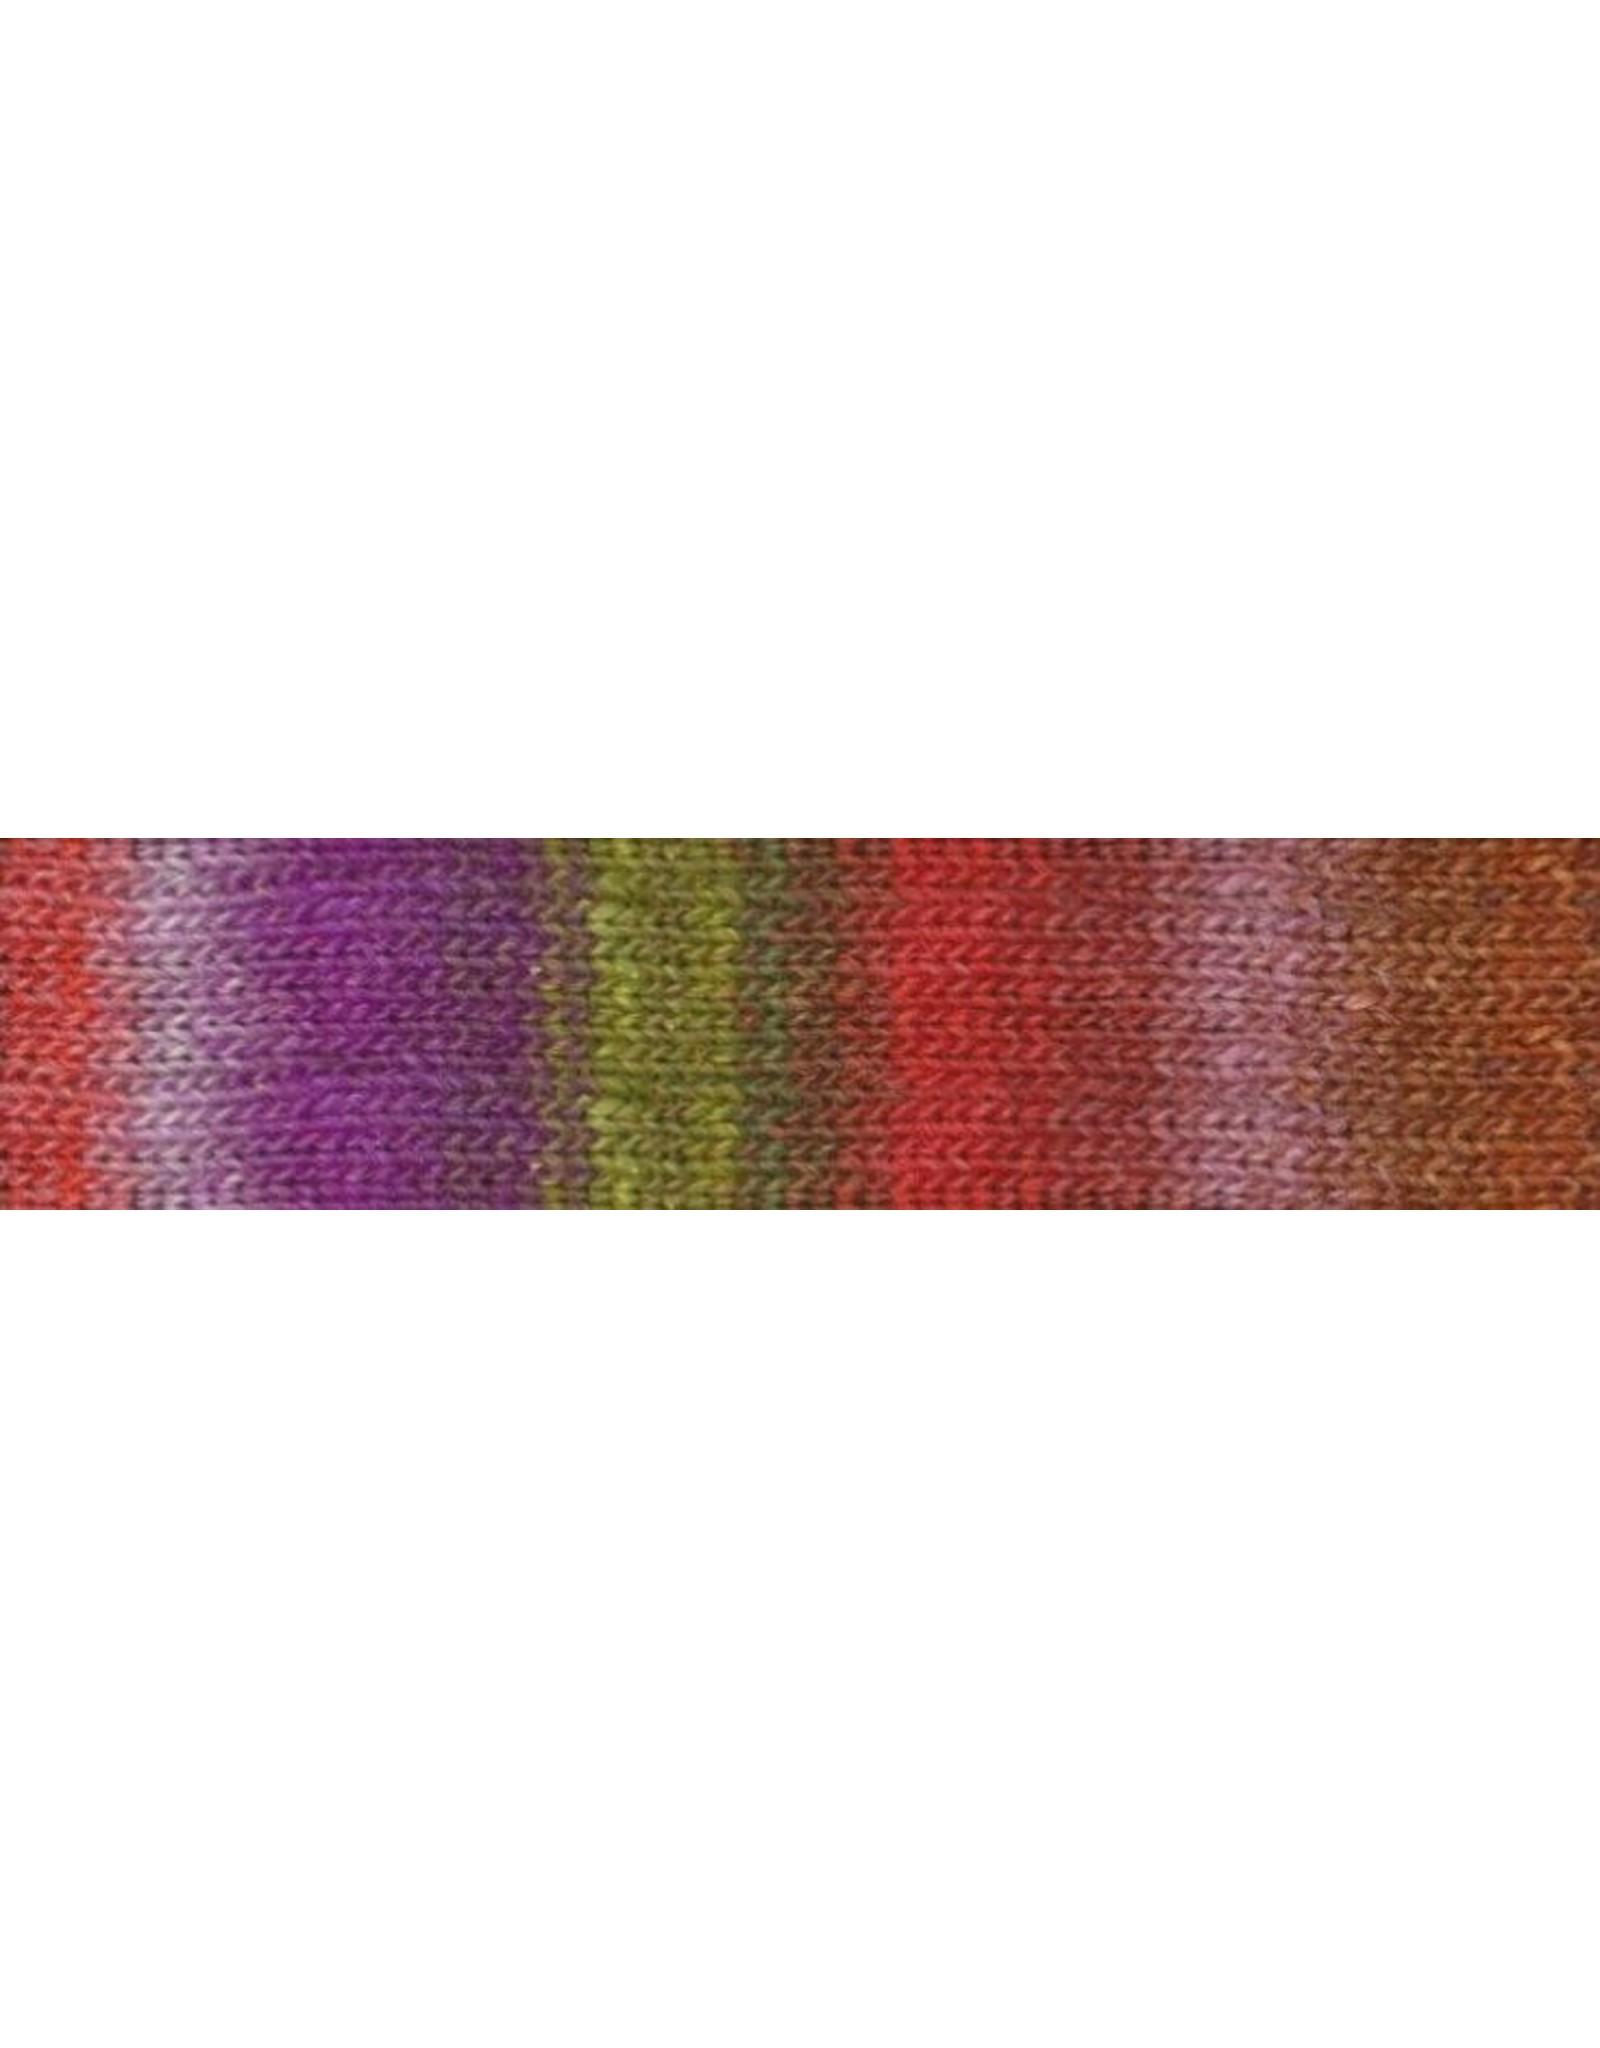 Noro Noro: Hyacinth Stitch Shawl Kit,